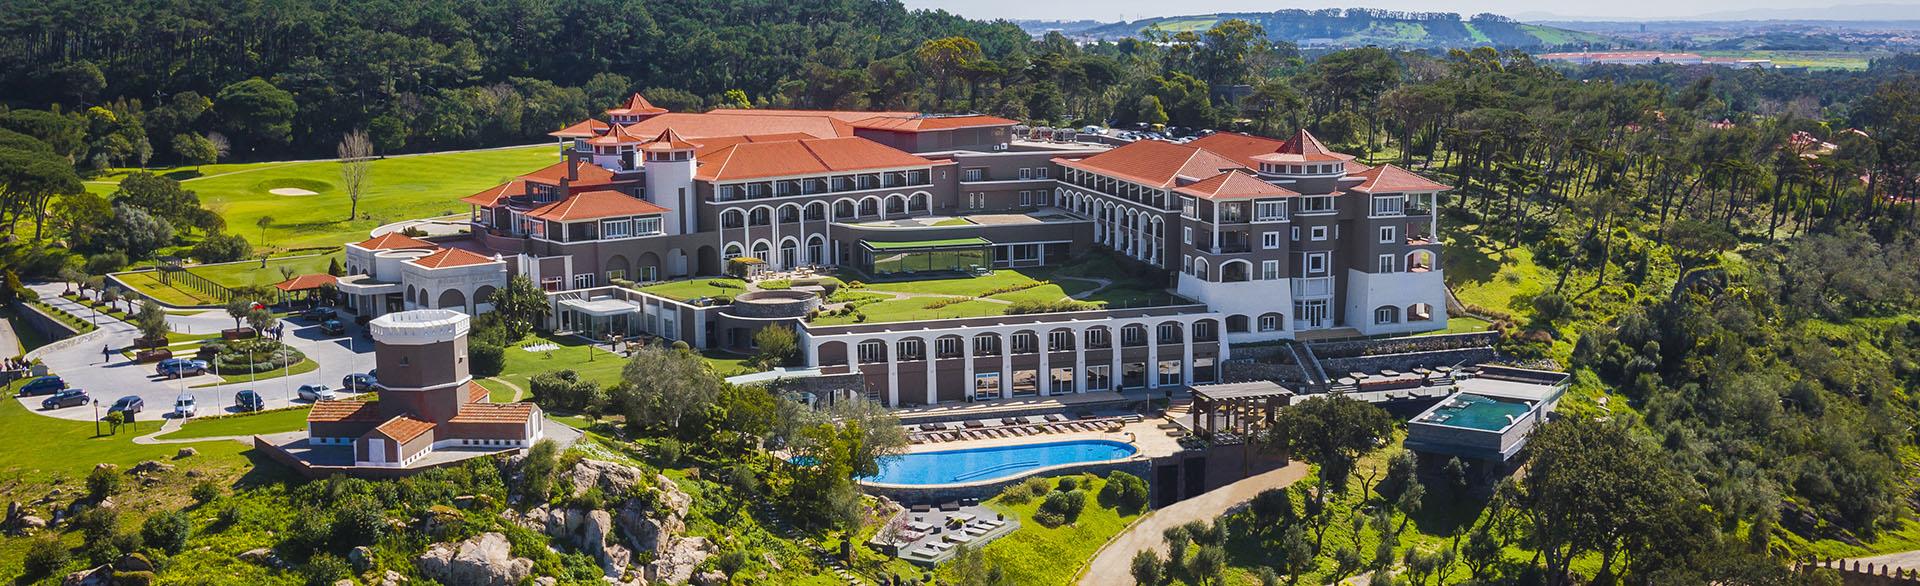 Penha Longa a crescer: construção de 36 moradias de luxo em consulta pública